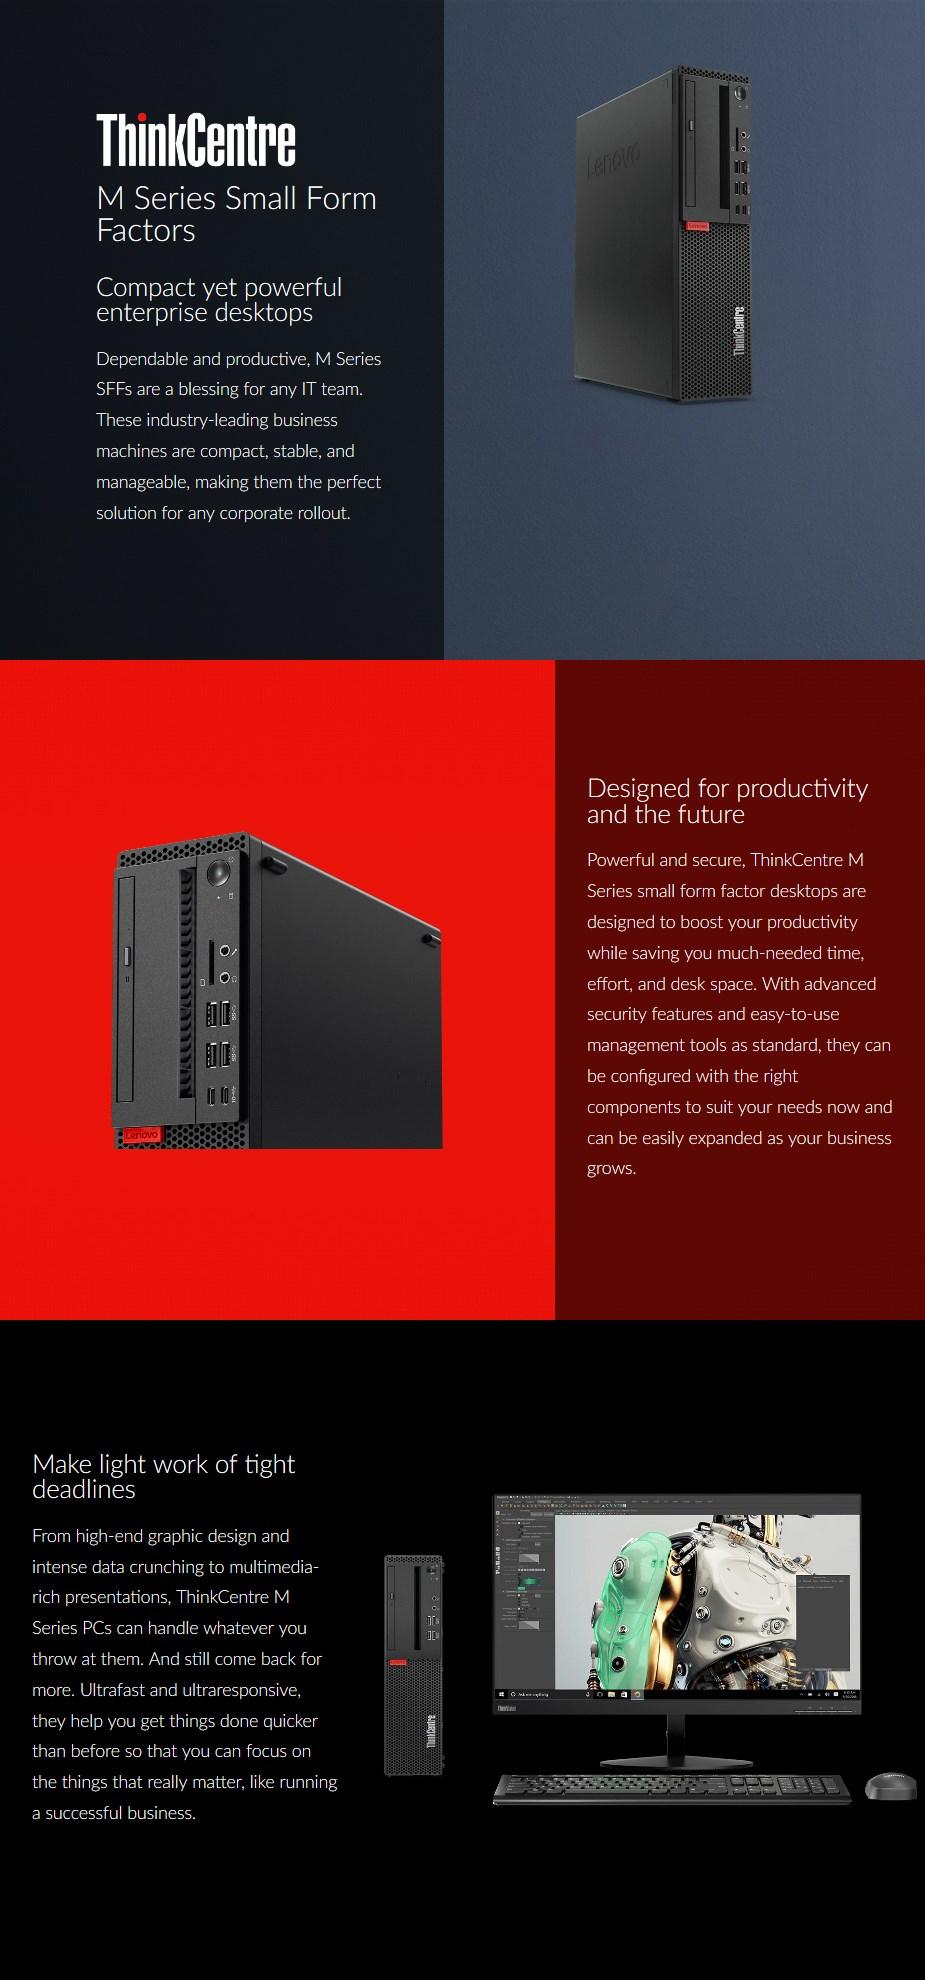 Lenovo M720S SFF PC i5-9400 16GB 256GB Win10 Pro - Desktop Overview 1